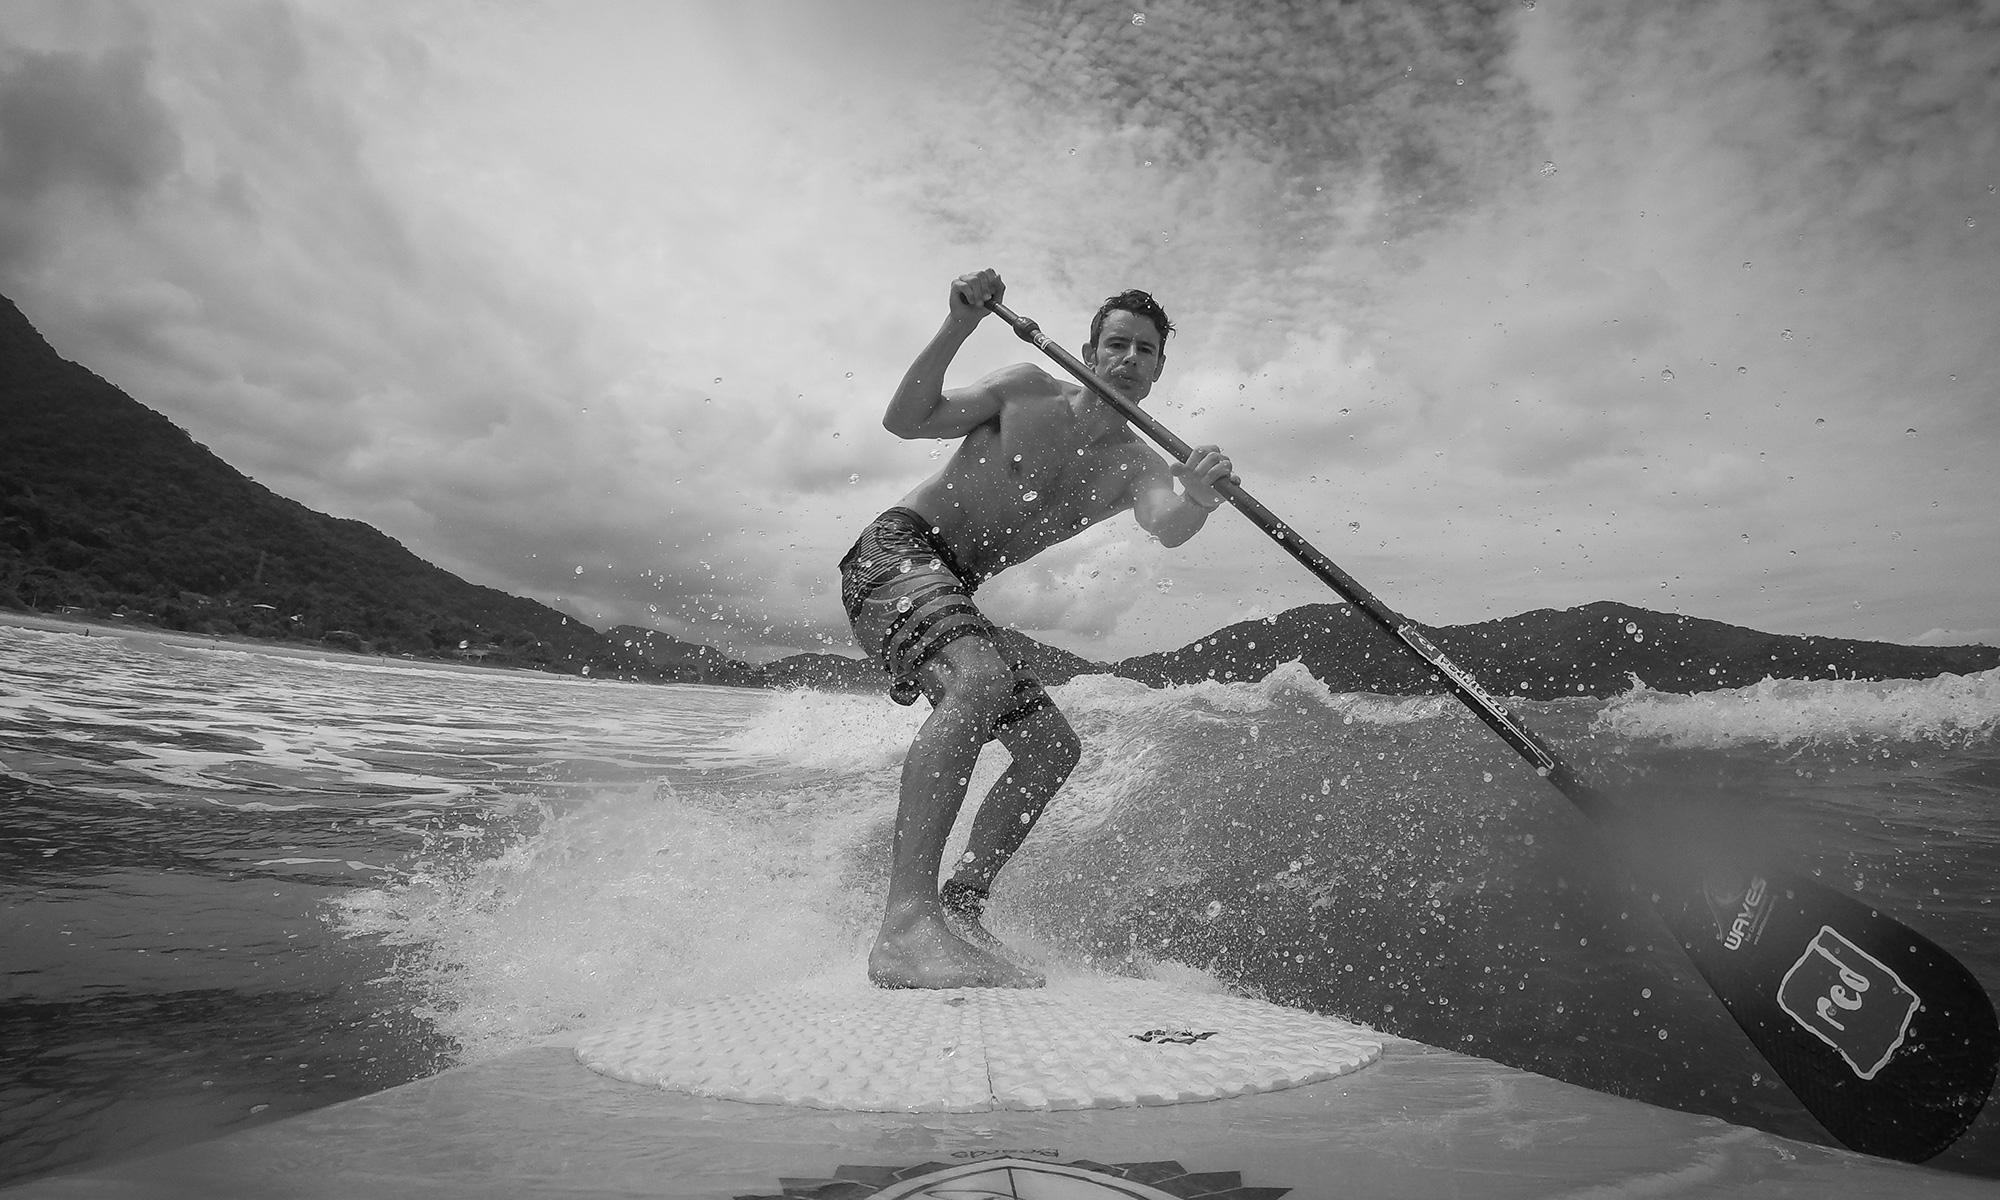 Surftide